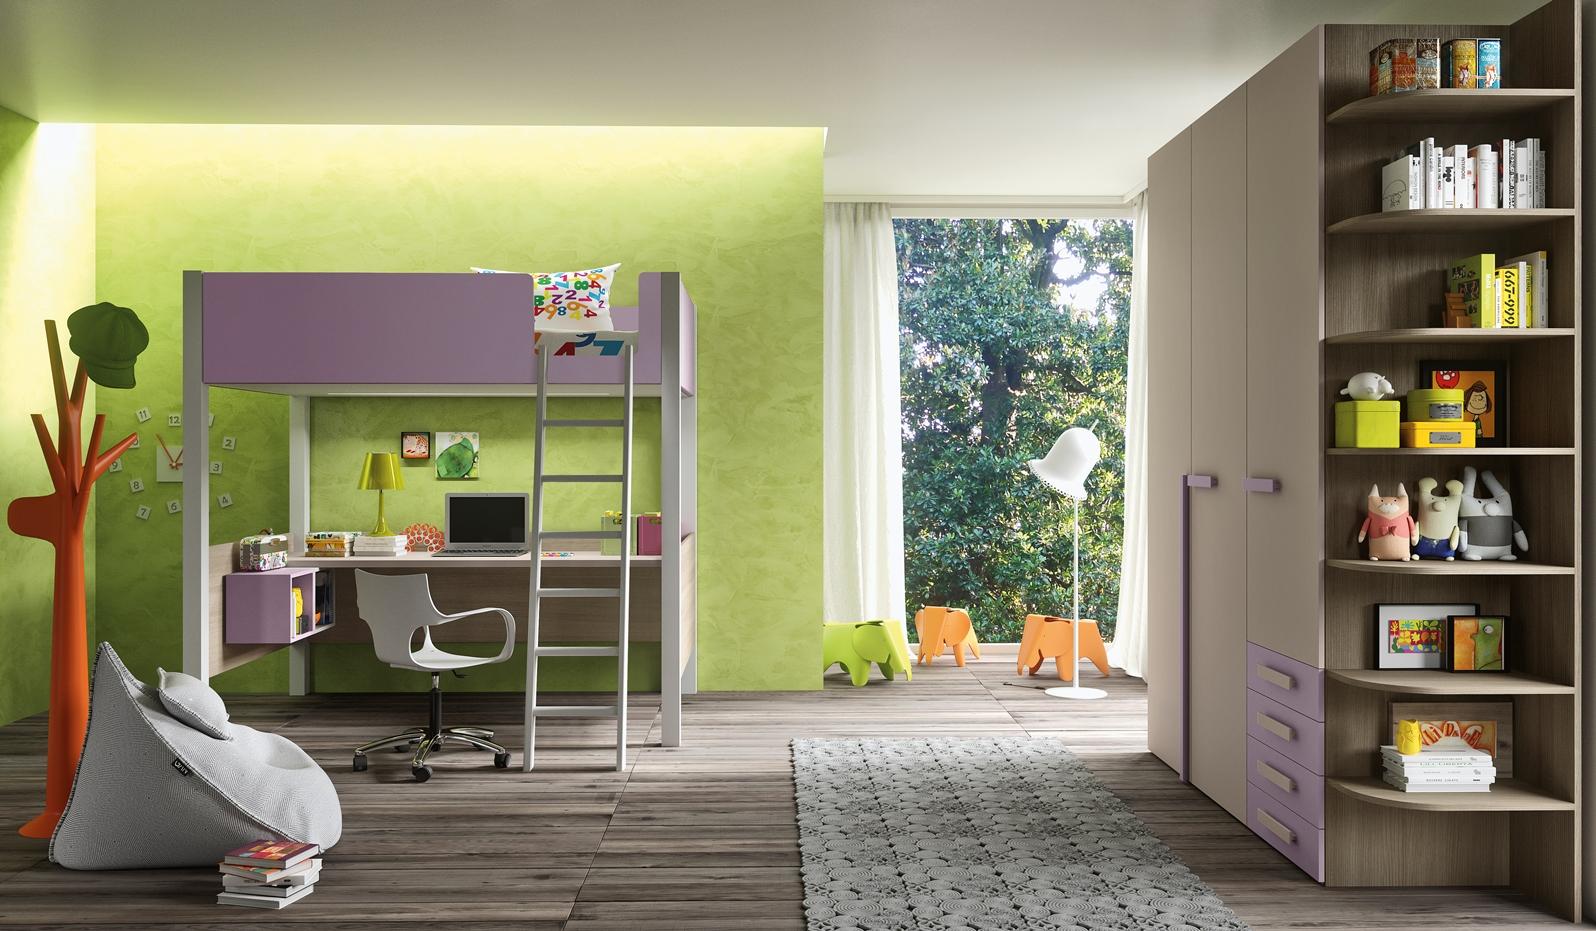 Siloma cameretta mod trend 20 riva architettura d 39 interni for Architettura d interni on line